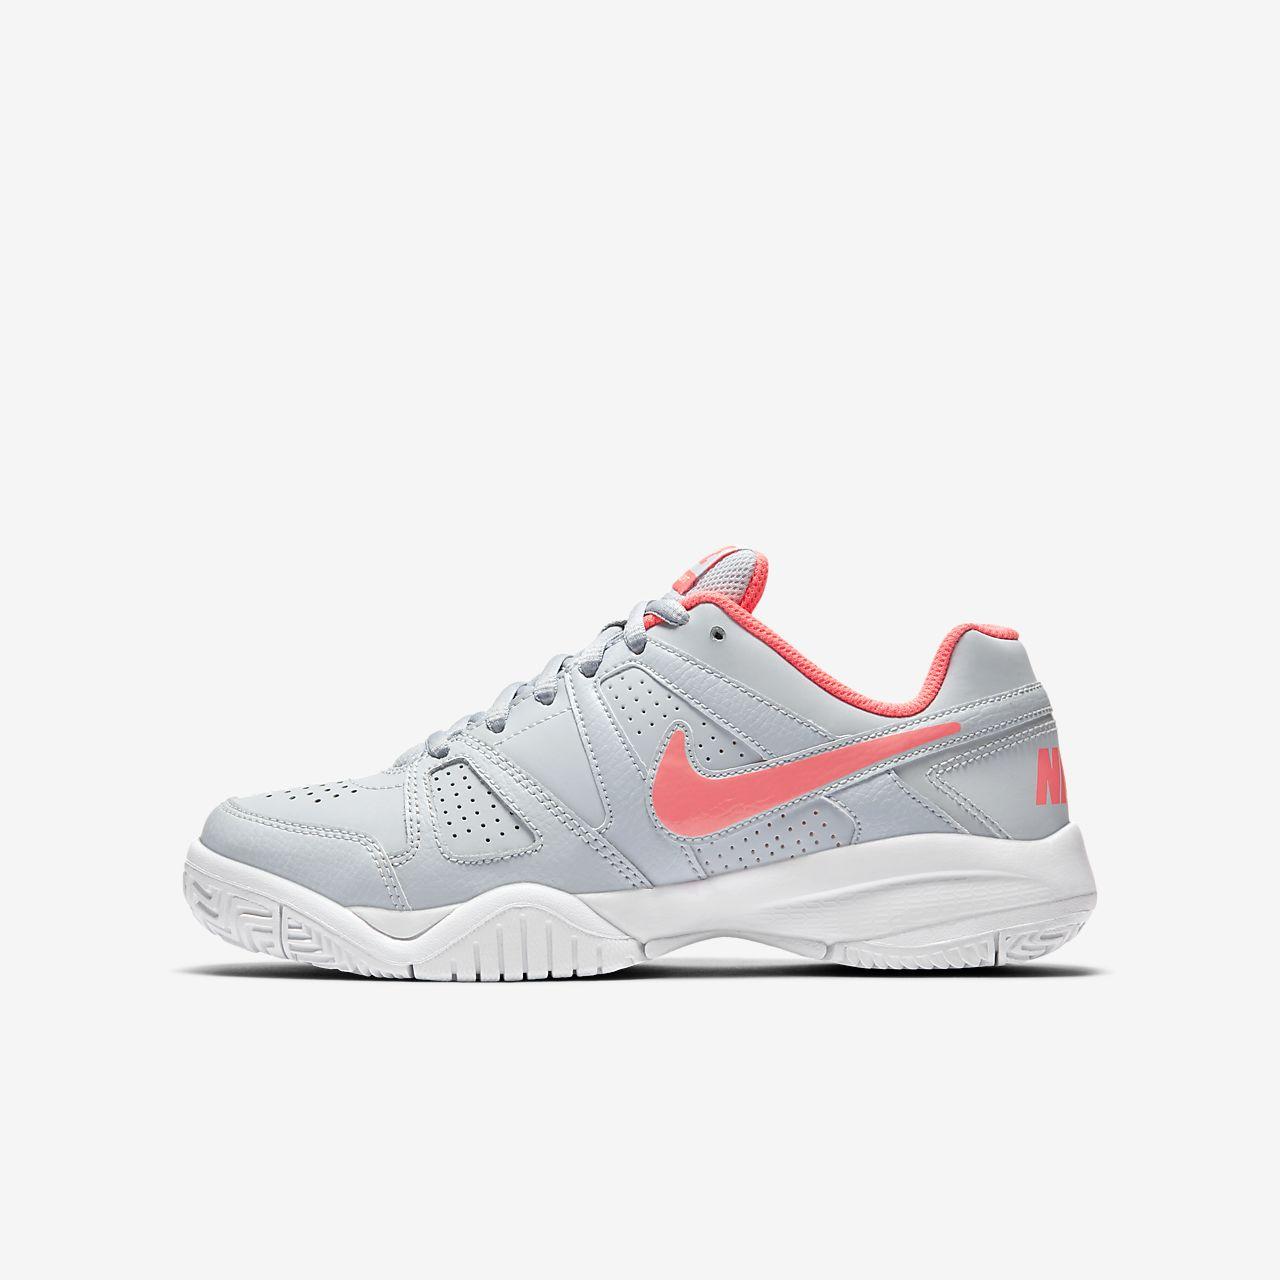 NikeCourt City Court 7 Genç Çocuk Tenis Ayakkabısı